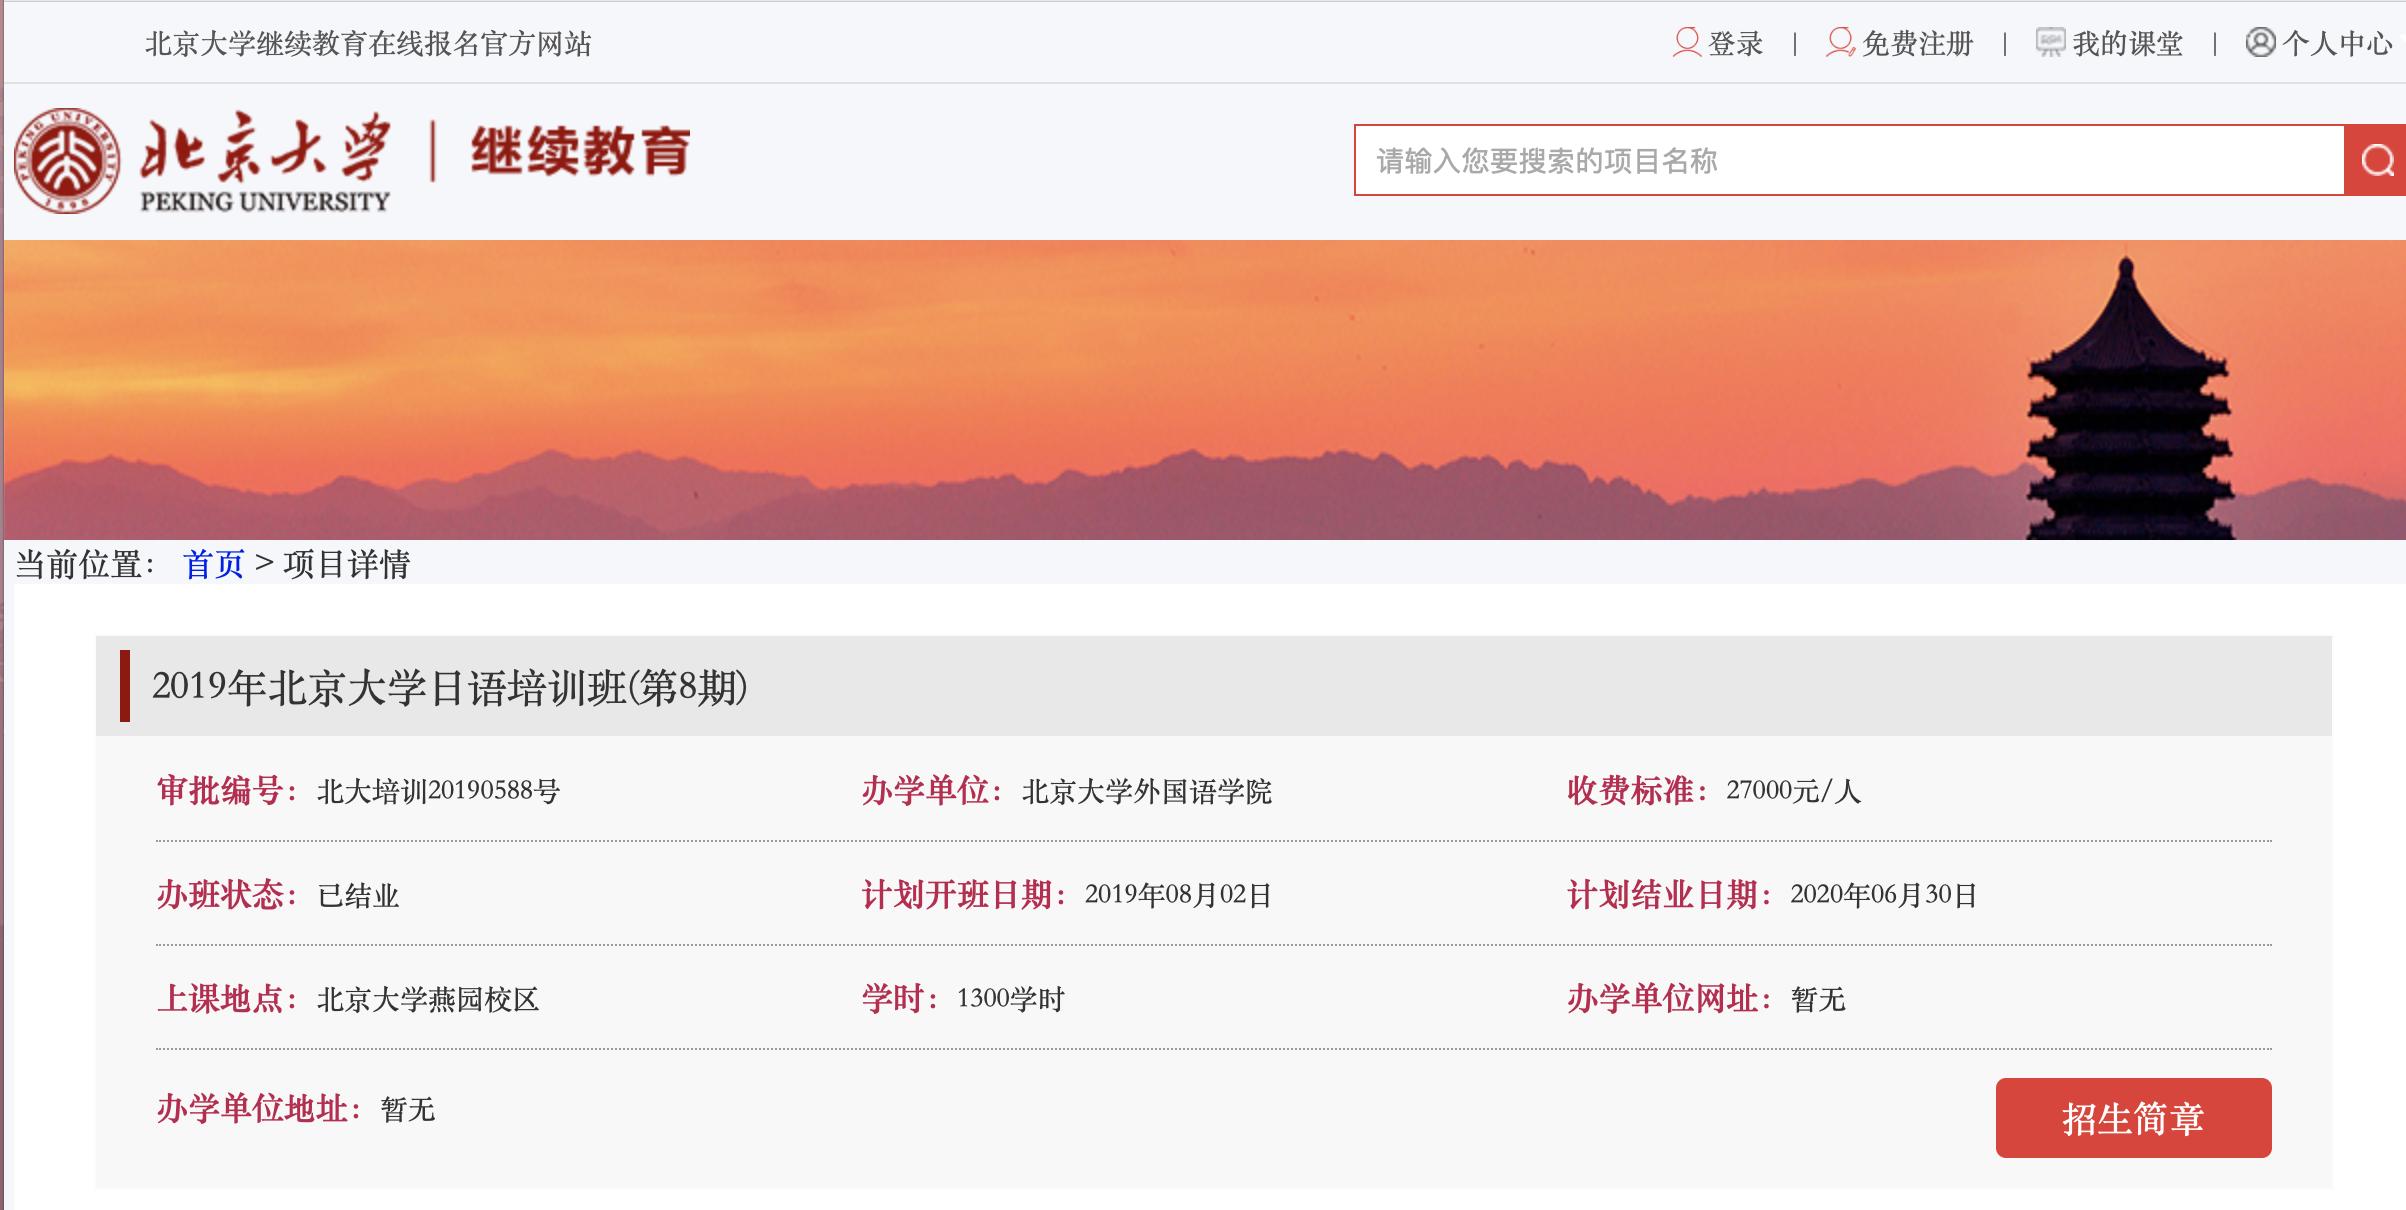 2019年北京大学日语培训班详情。图源北京大学继续教育官网